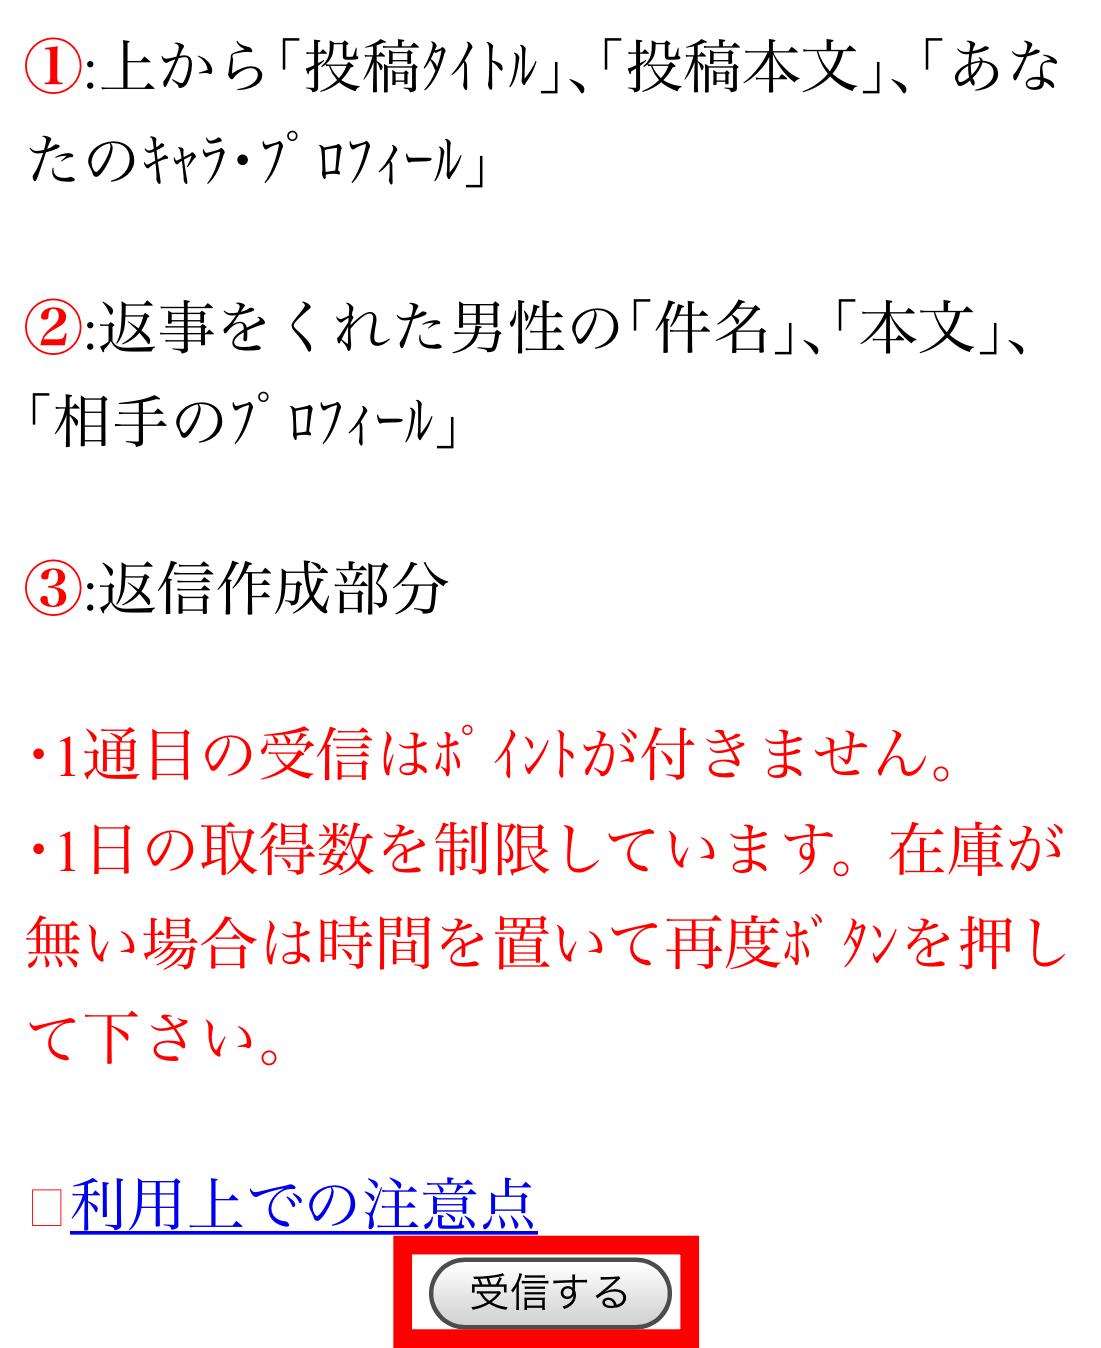 ガルワカ 口コミ